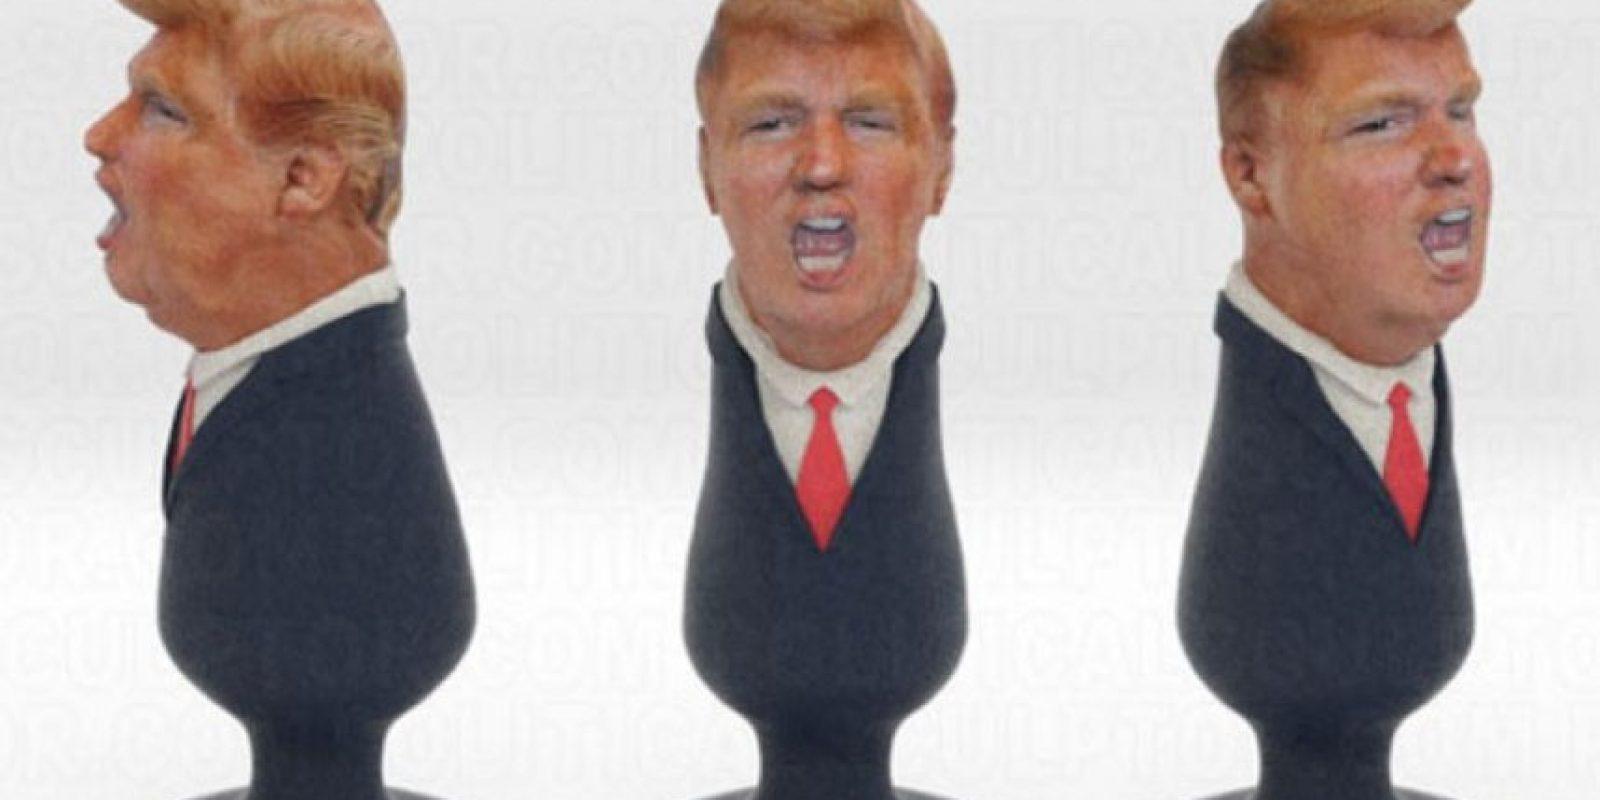 Candidato a la presidencia de Estados Unidos, Donald Trump Foto:Vía Twitter: @politicalsculpt